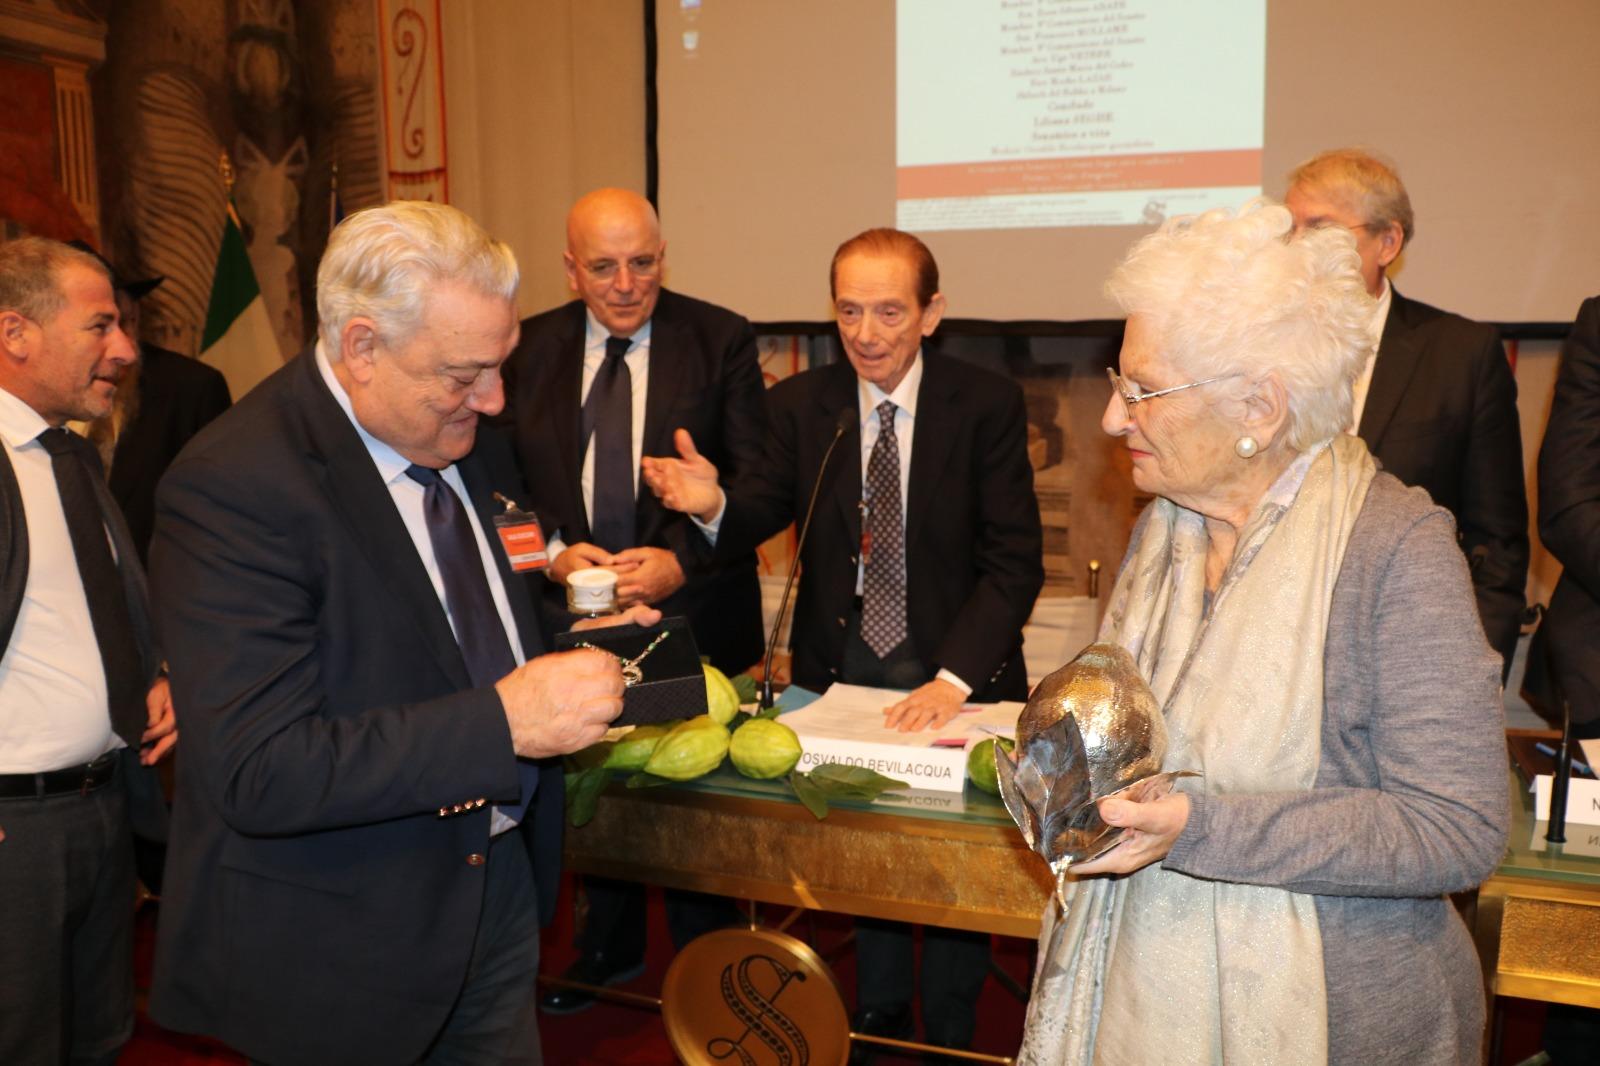 Liliana-Segre-premio-I-cedri d-argento-di-Gerardo-Sacco